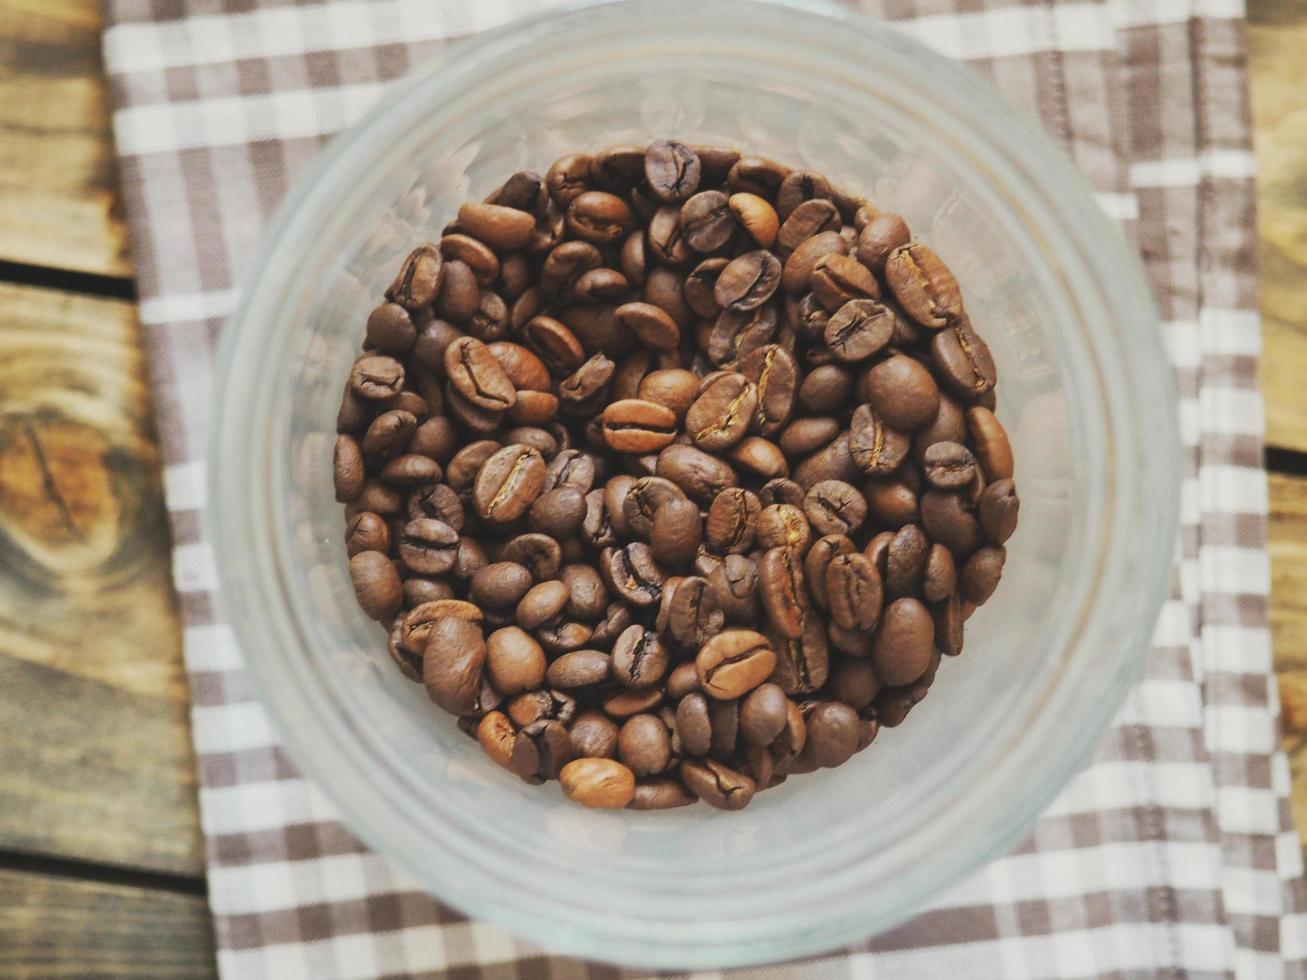 grains de café dans une tasse en plastique photo